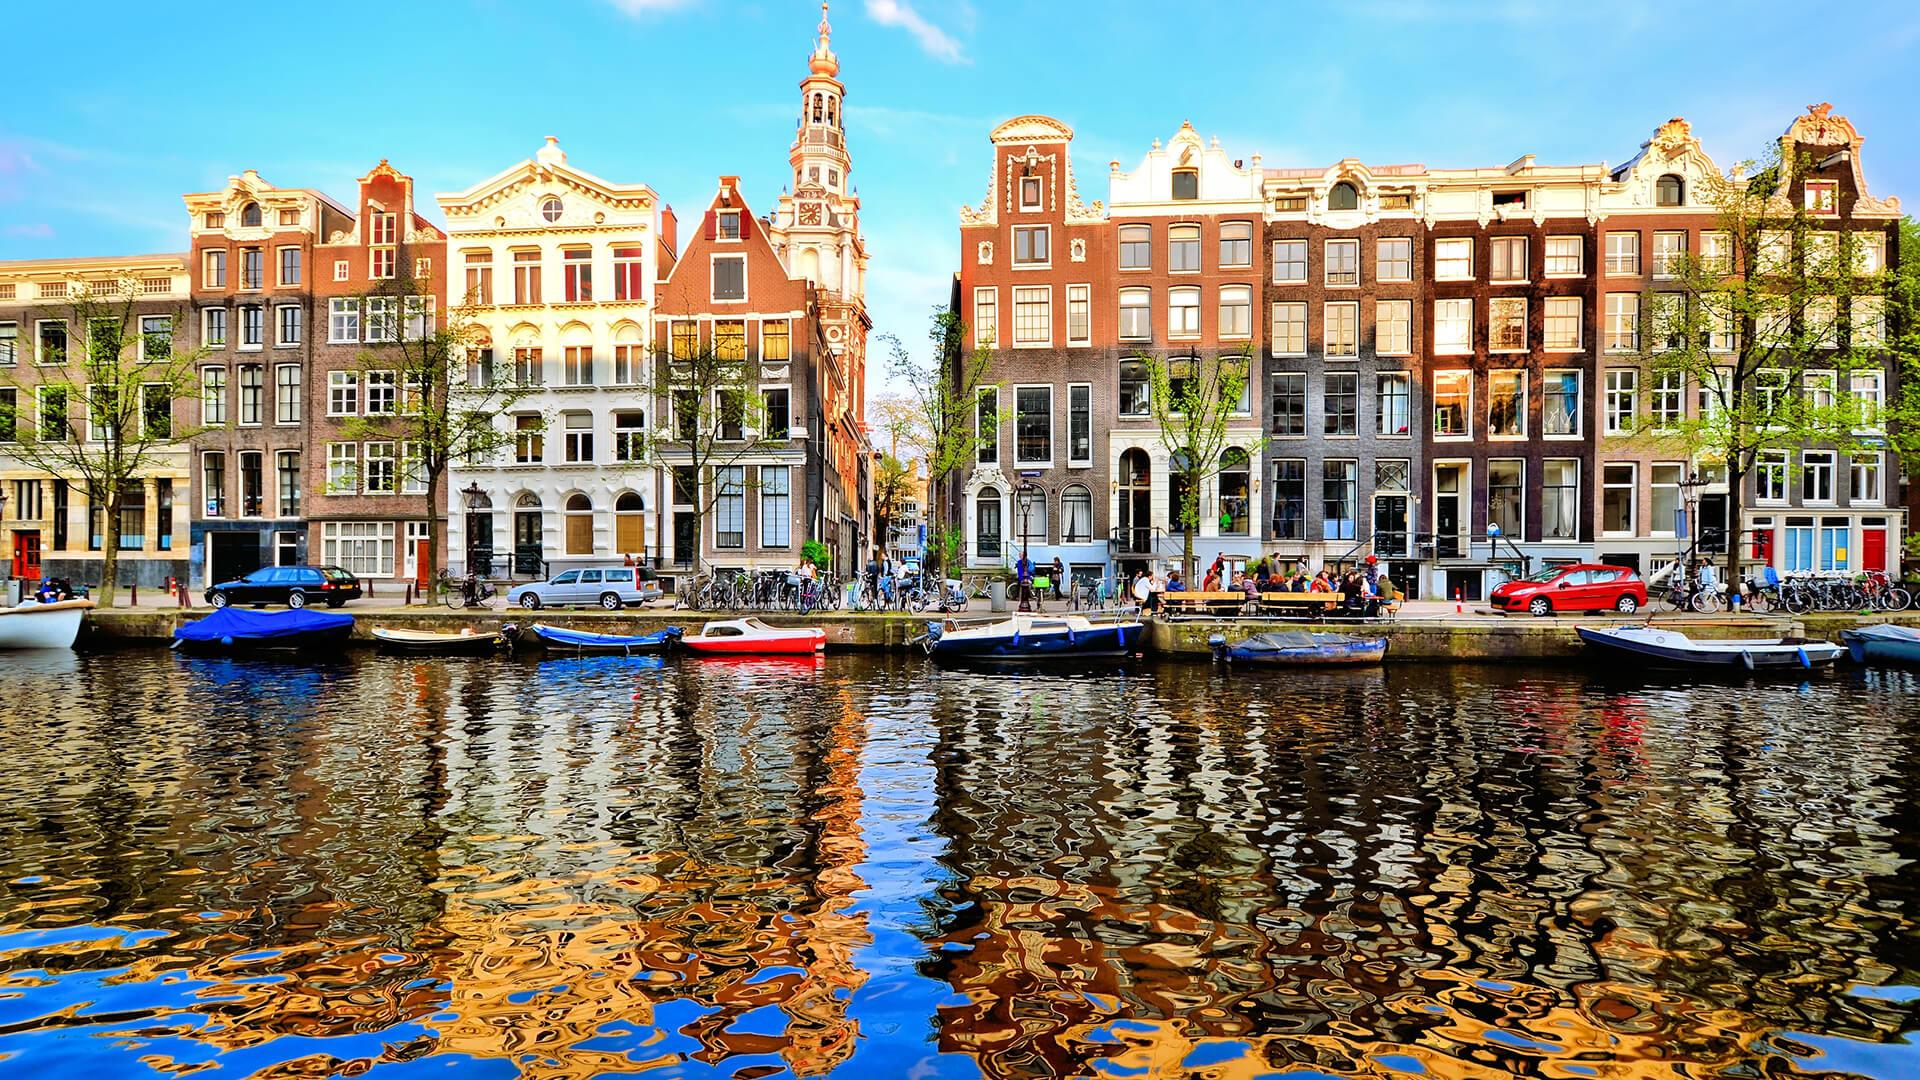 Een behendige makelaar in Amsterdam nodig die je helpt met het zoeken naar woonruimte in Amsterdam??